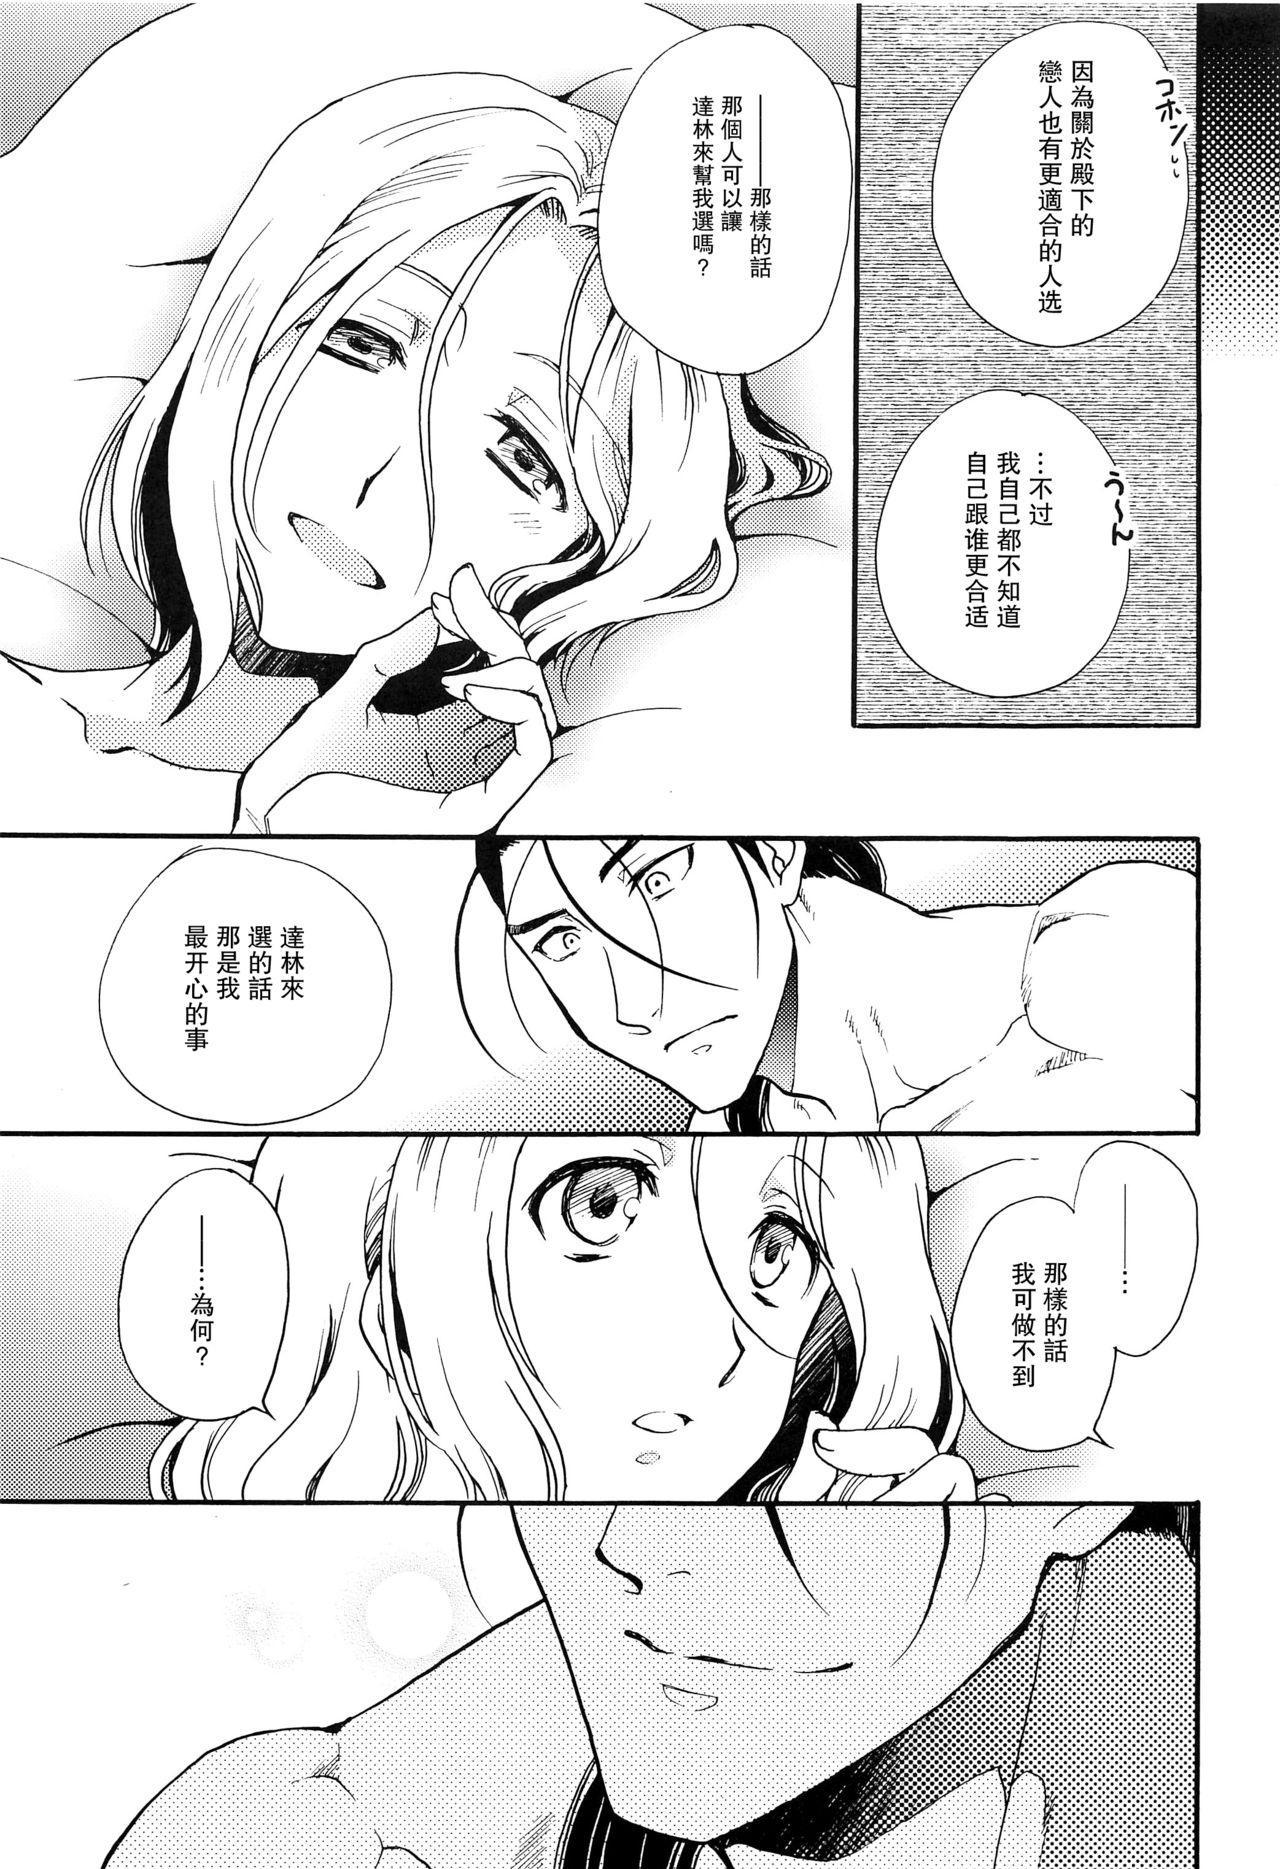 Umi to Biyaku 15